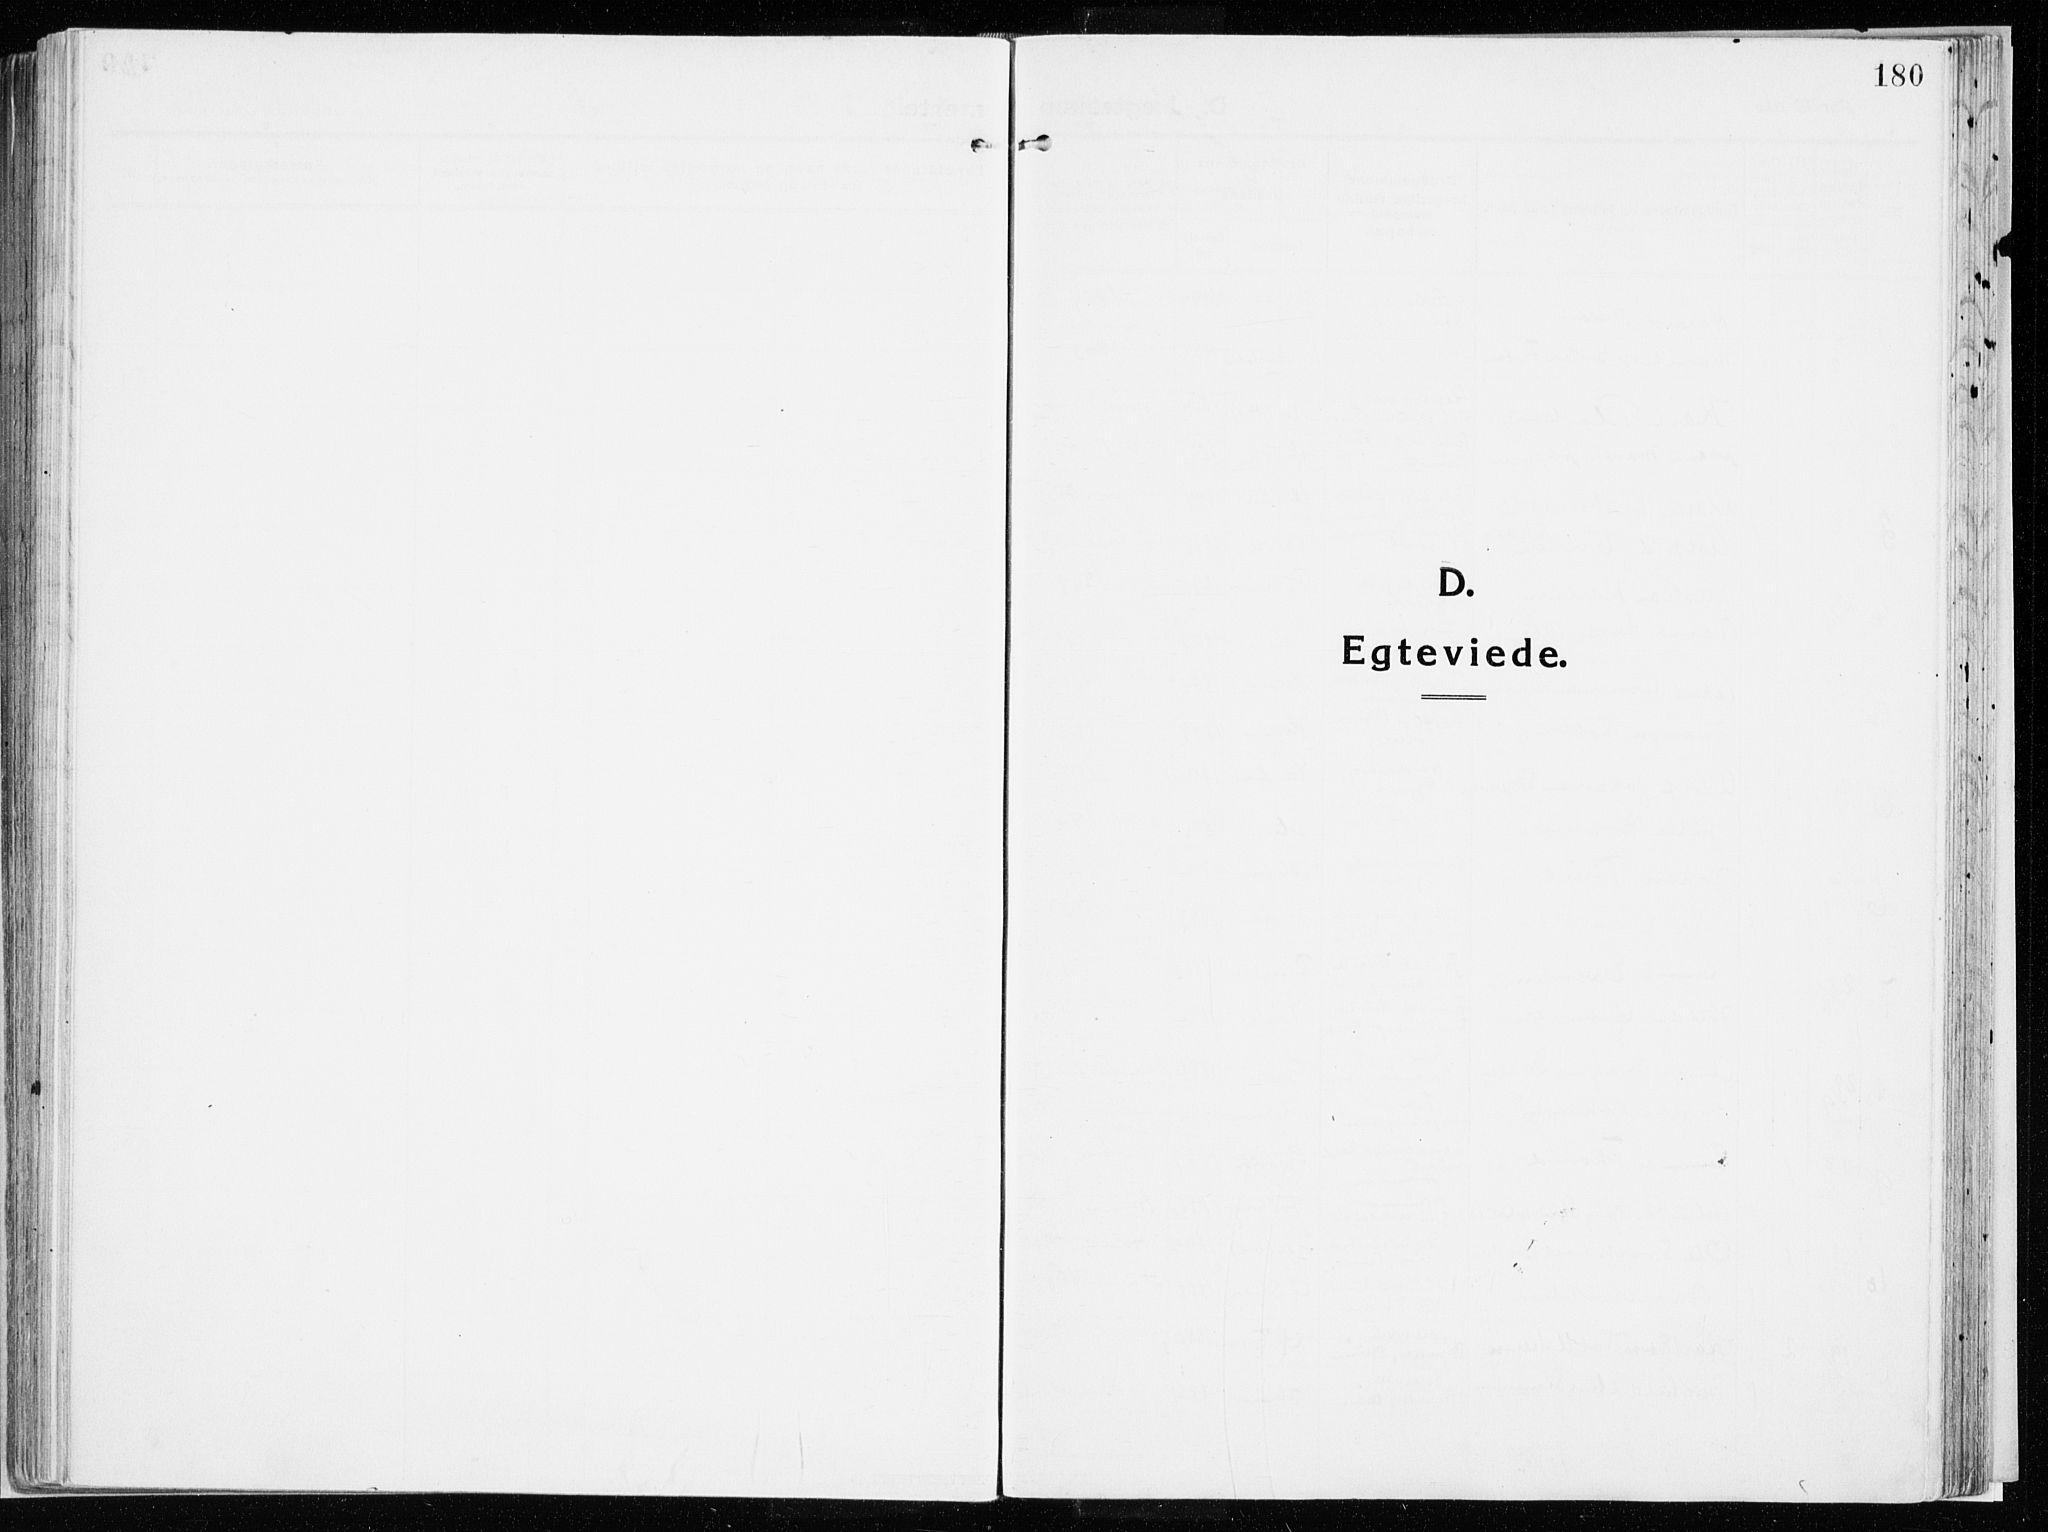 SAH, Vardal prestekontor, H/Ha/Haa/L0017: Parish register (official) no. 17, 1915-1929, p. 180